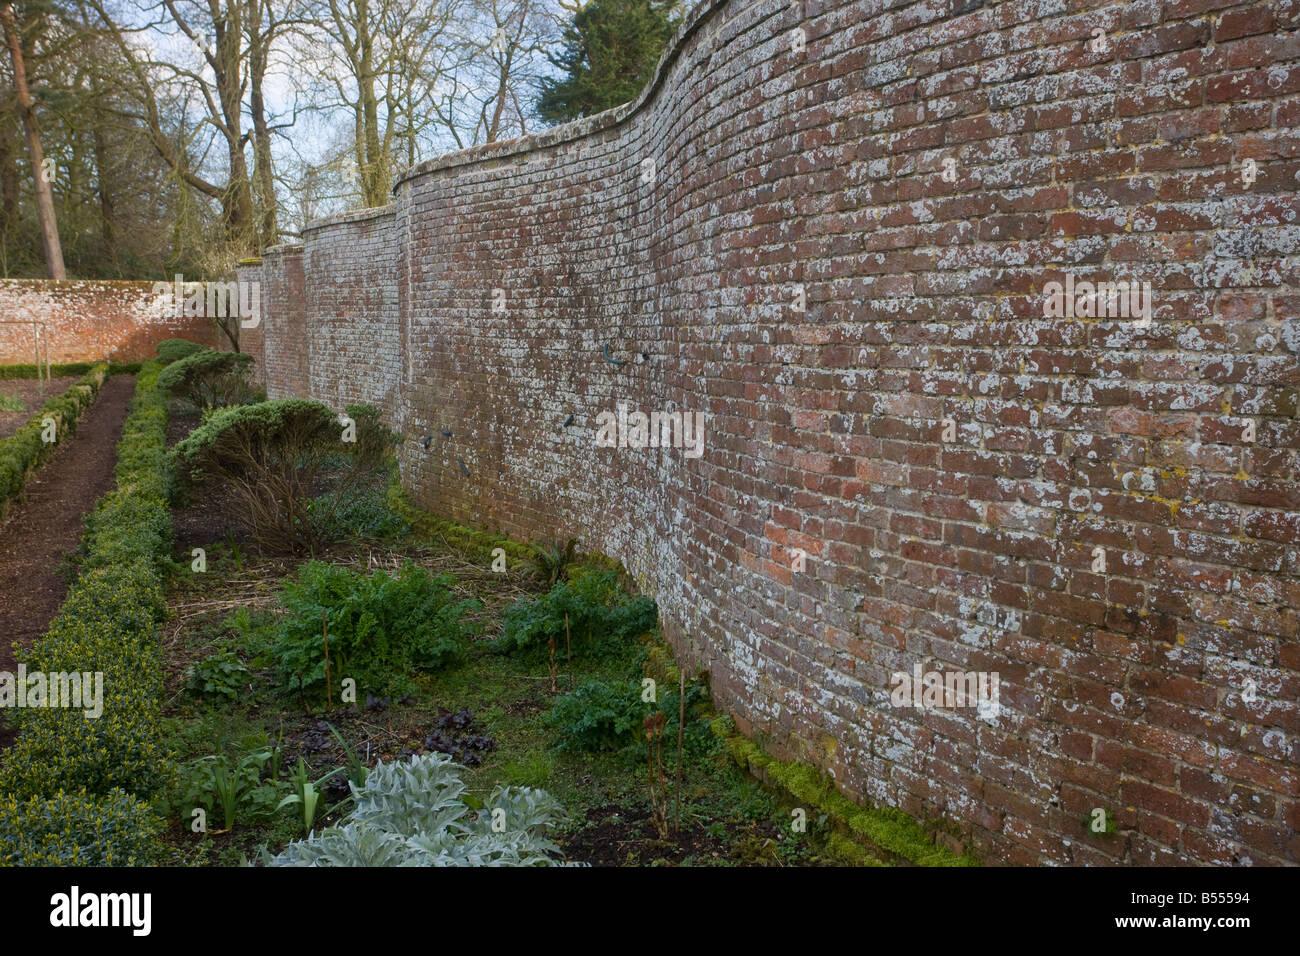 Serpentine wall in the organic kitchen garden at Dean s Court Wimborne Dorset - Stock Image